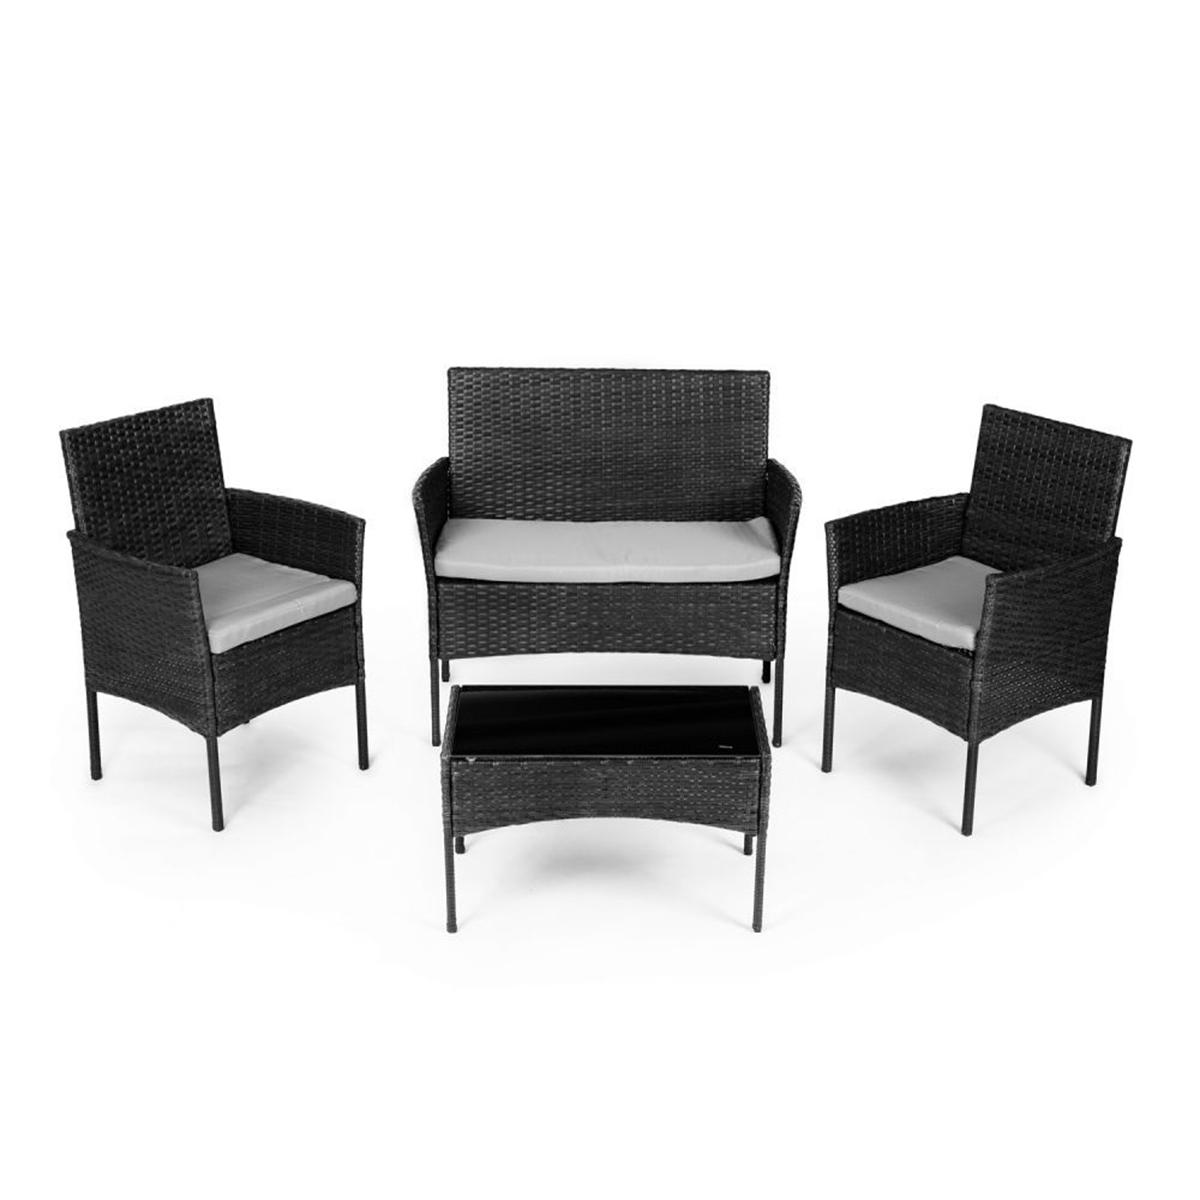 Záhradná zostava ratanová | 2x kreslo lavica stôl